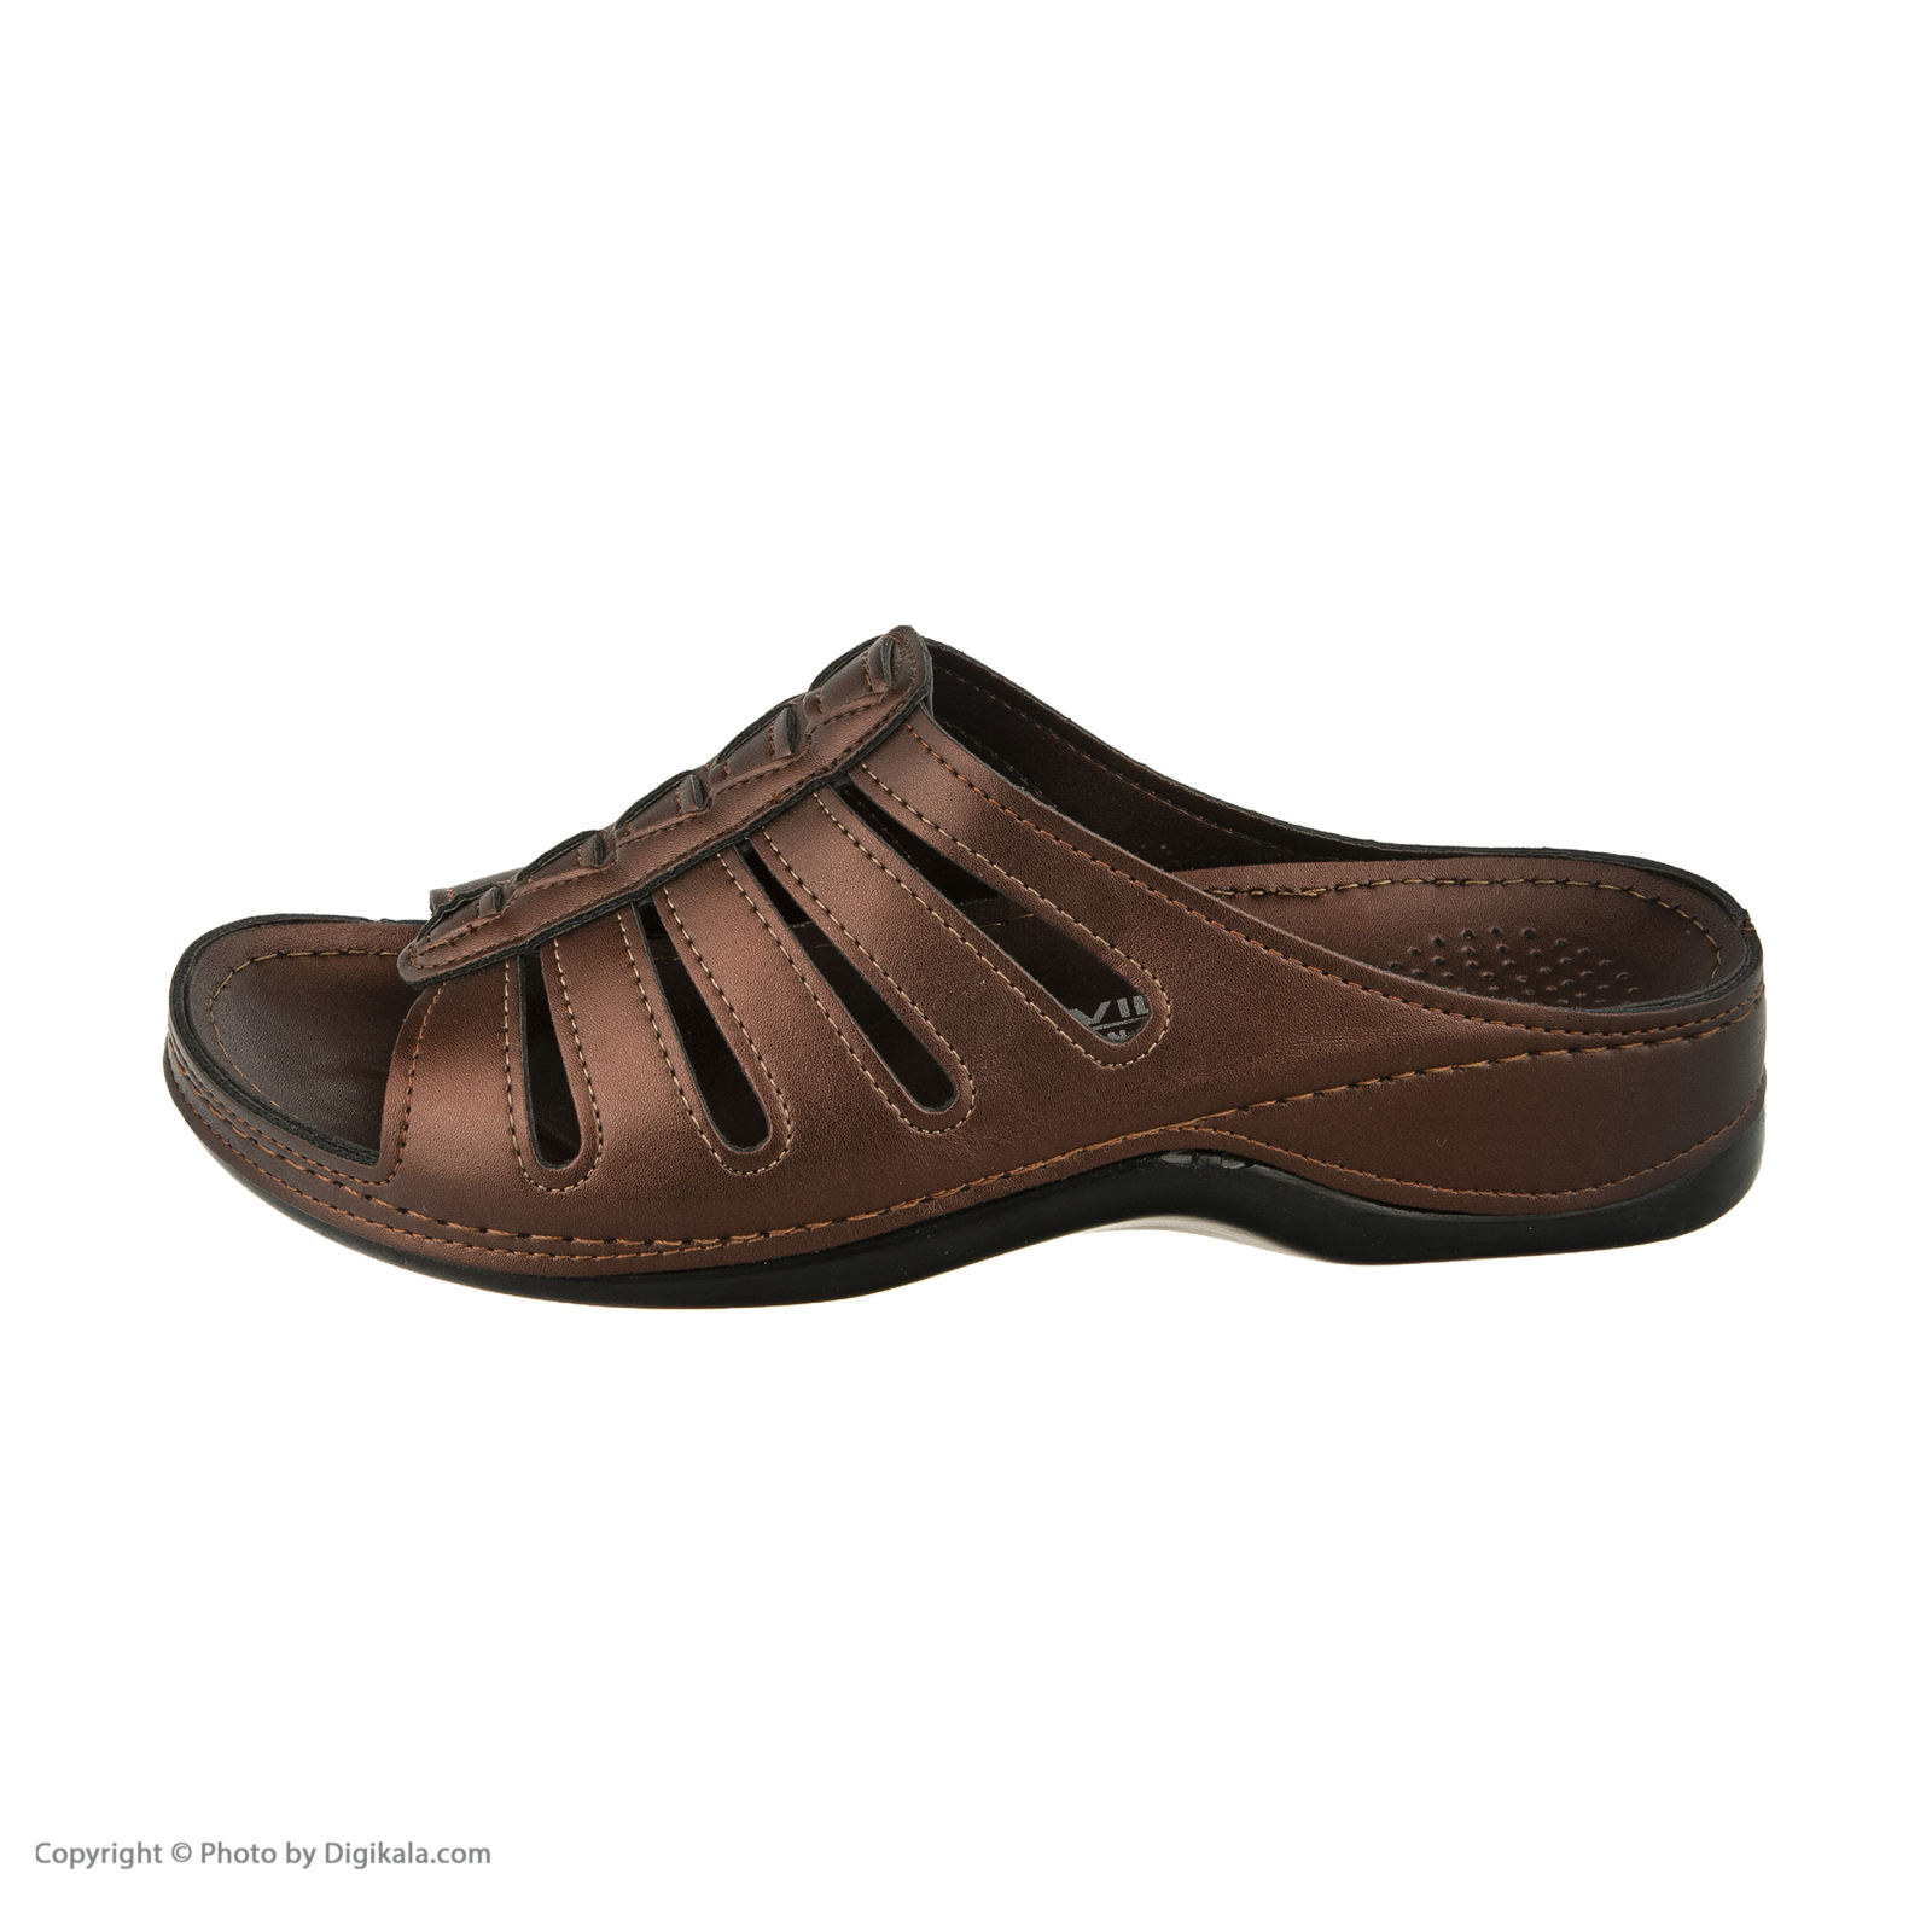 دمپایی زنانه کفش آویده کد av-0304212 رنگ مسی -  - 4